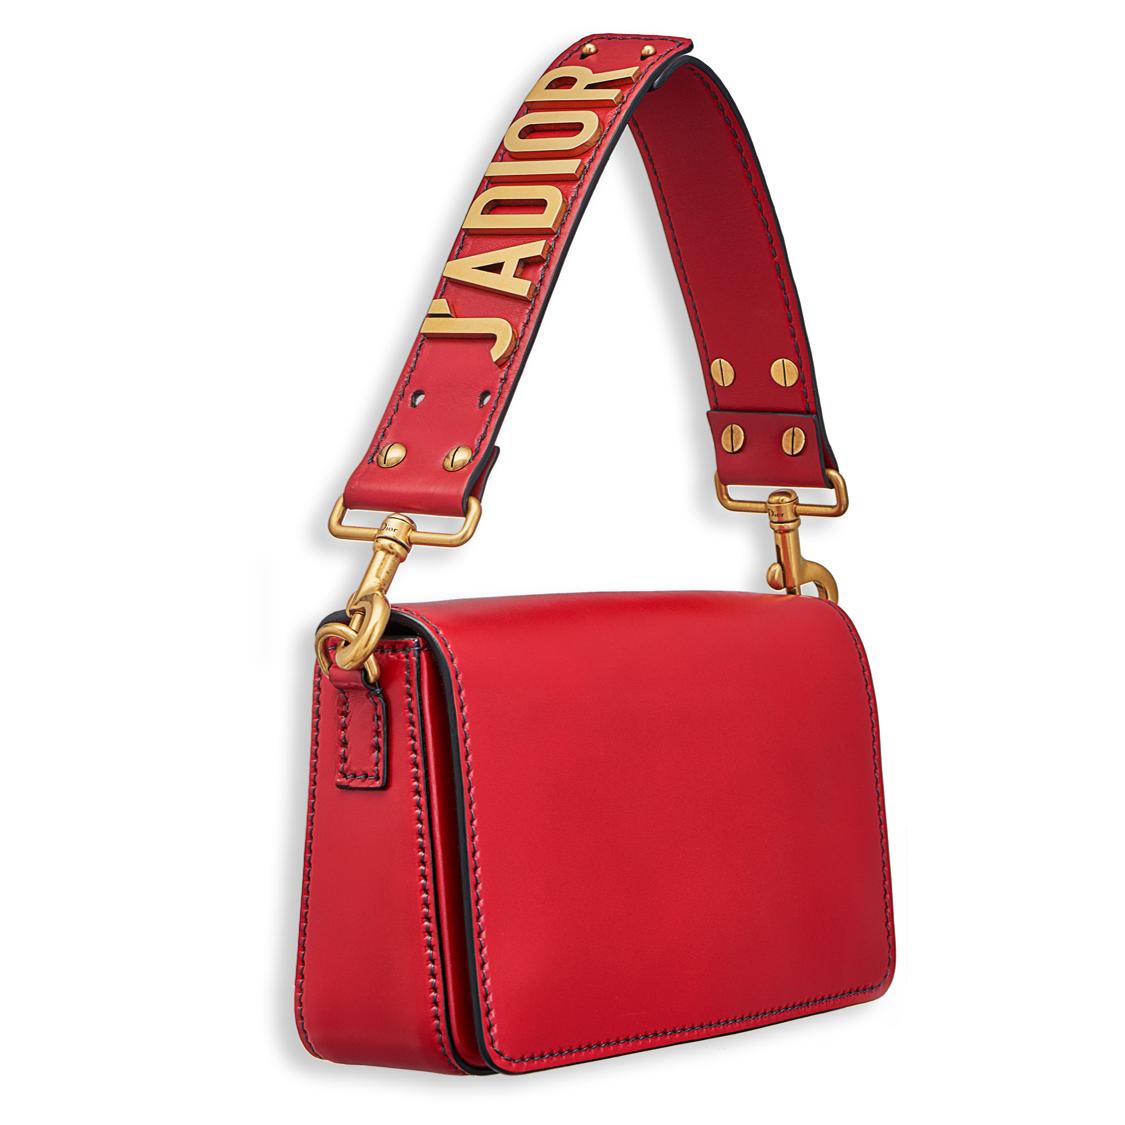 Dior J'adior bag shoulder strap